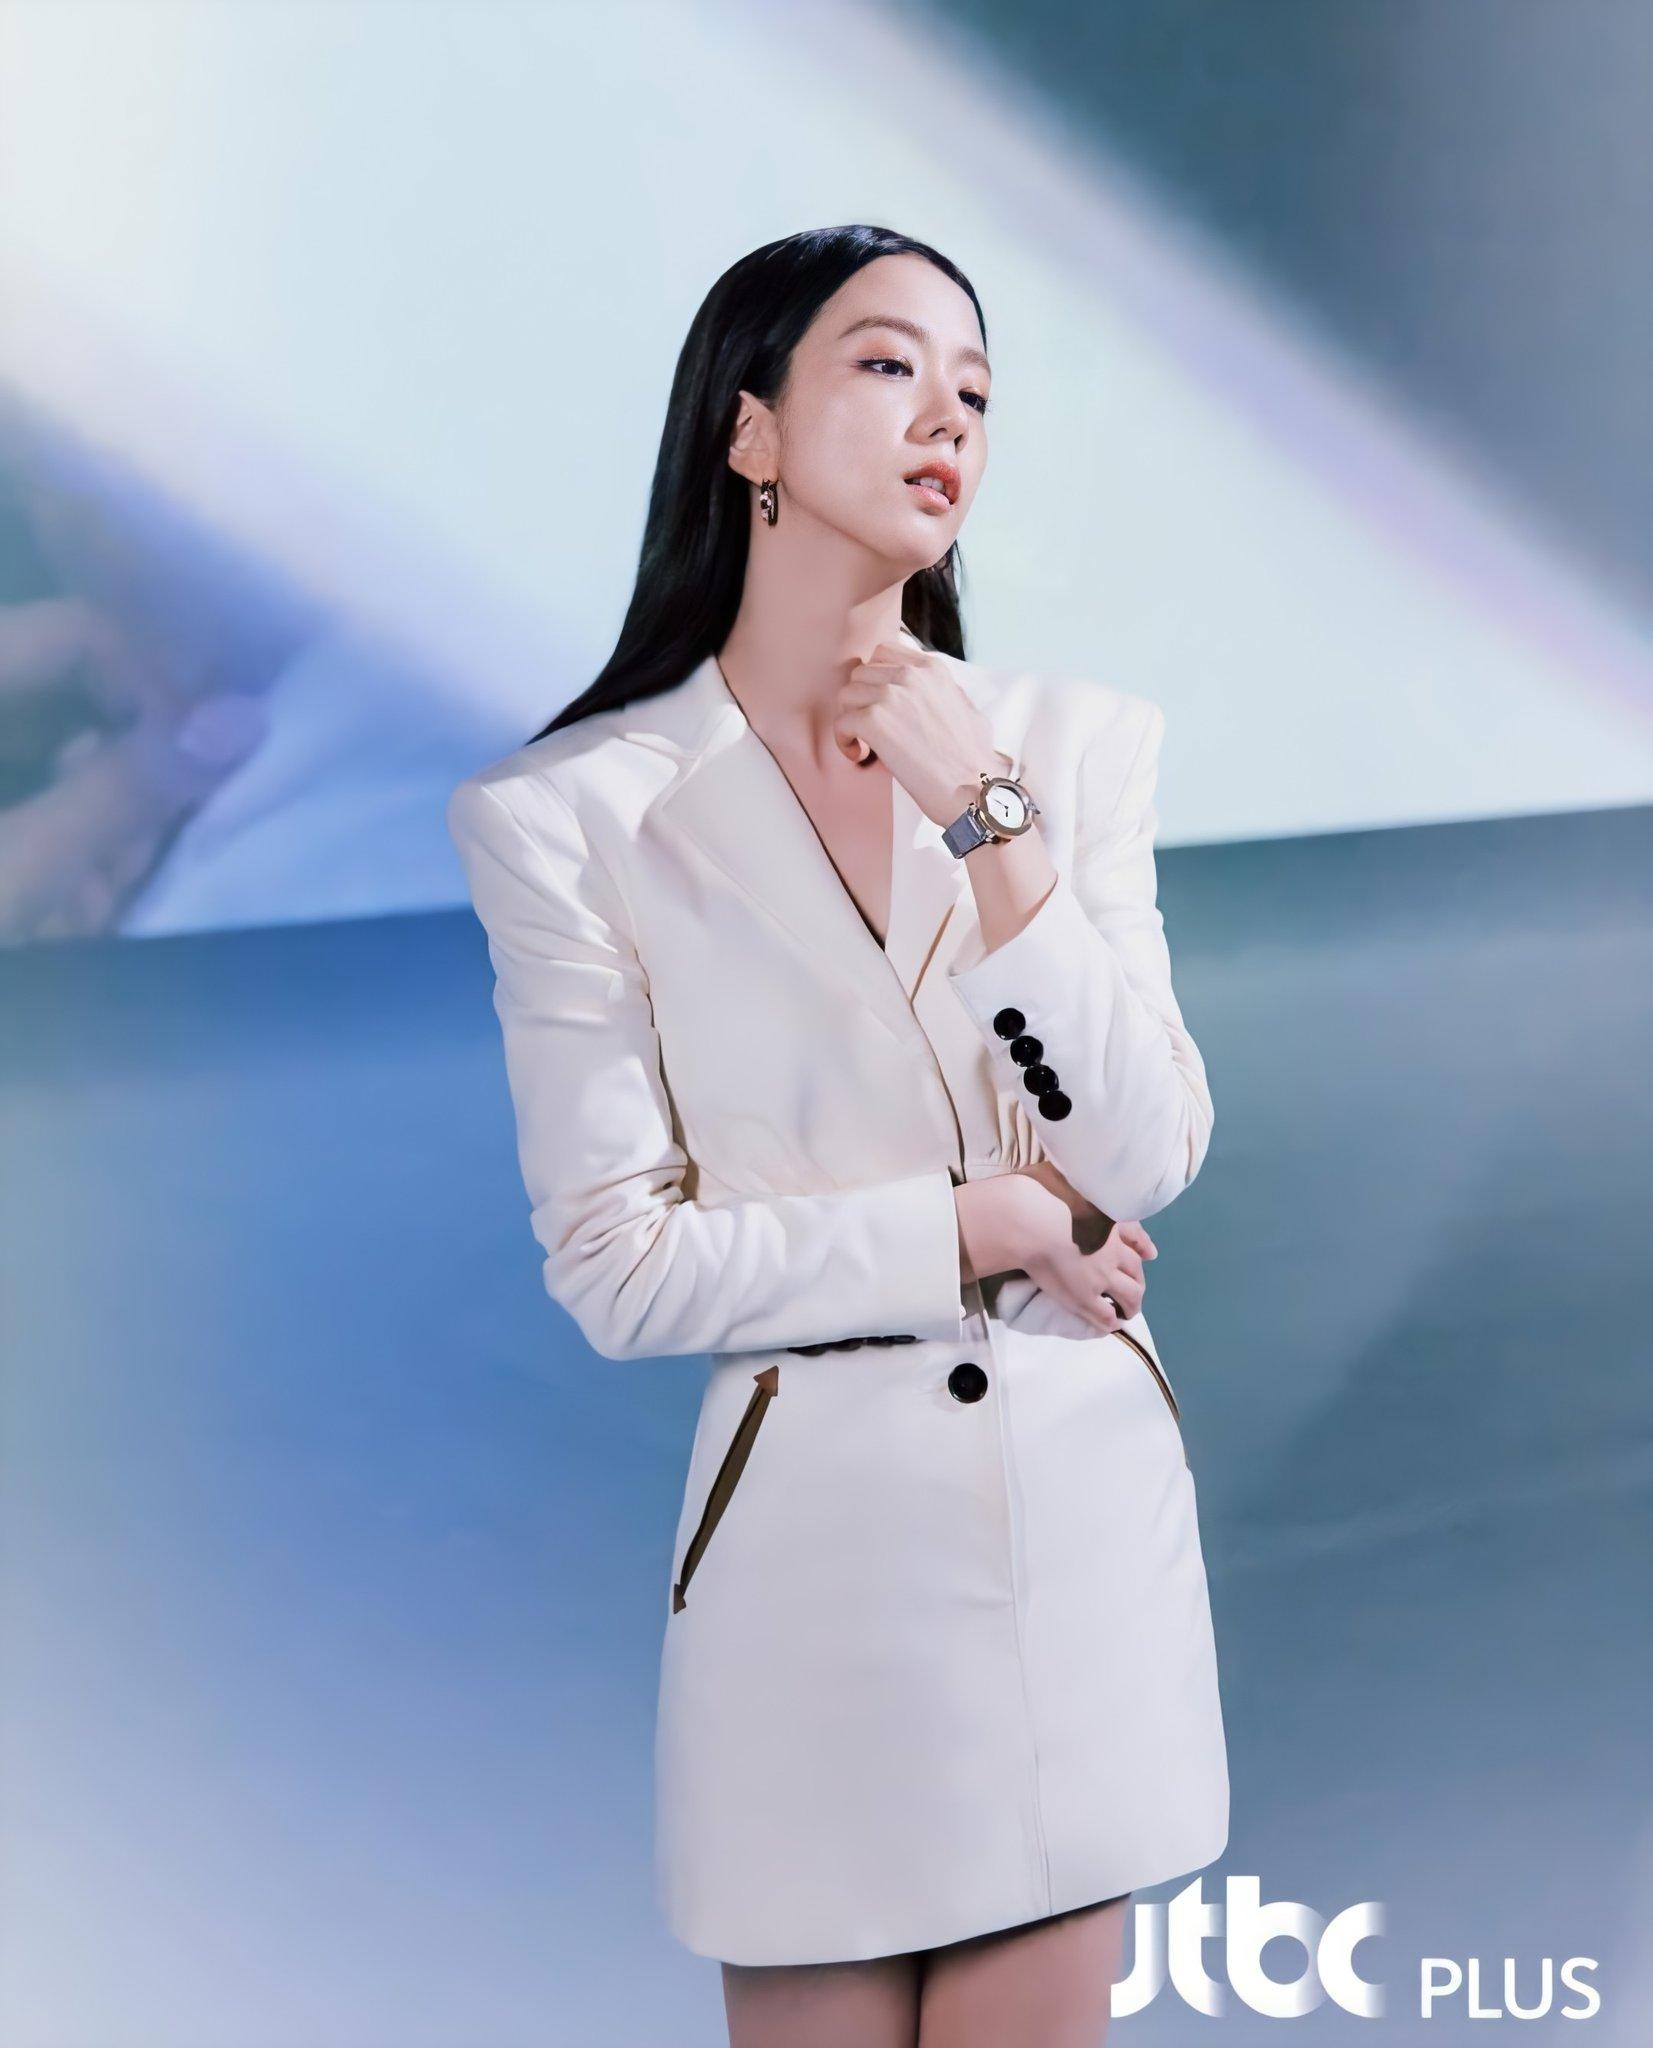 Jisoo đeo đồng hồ Cartier